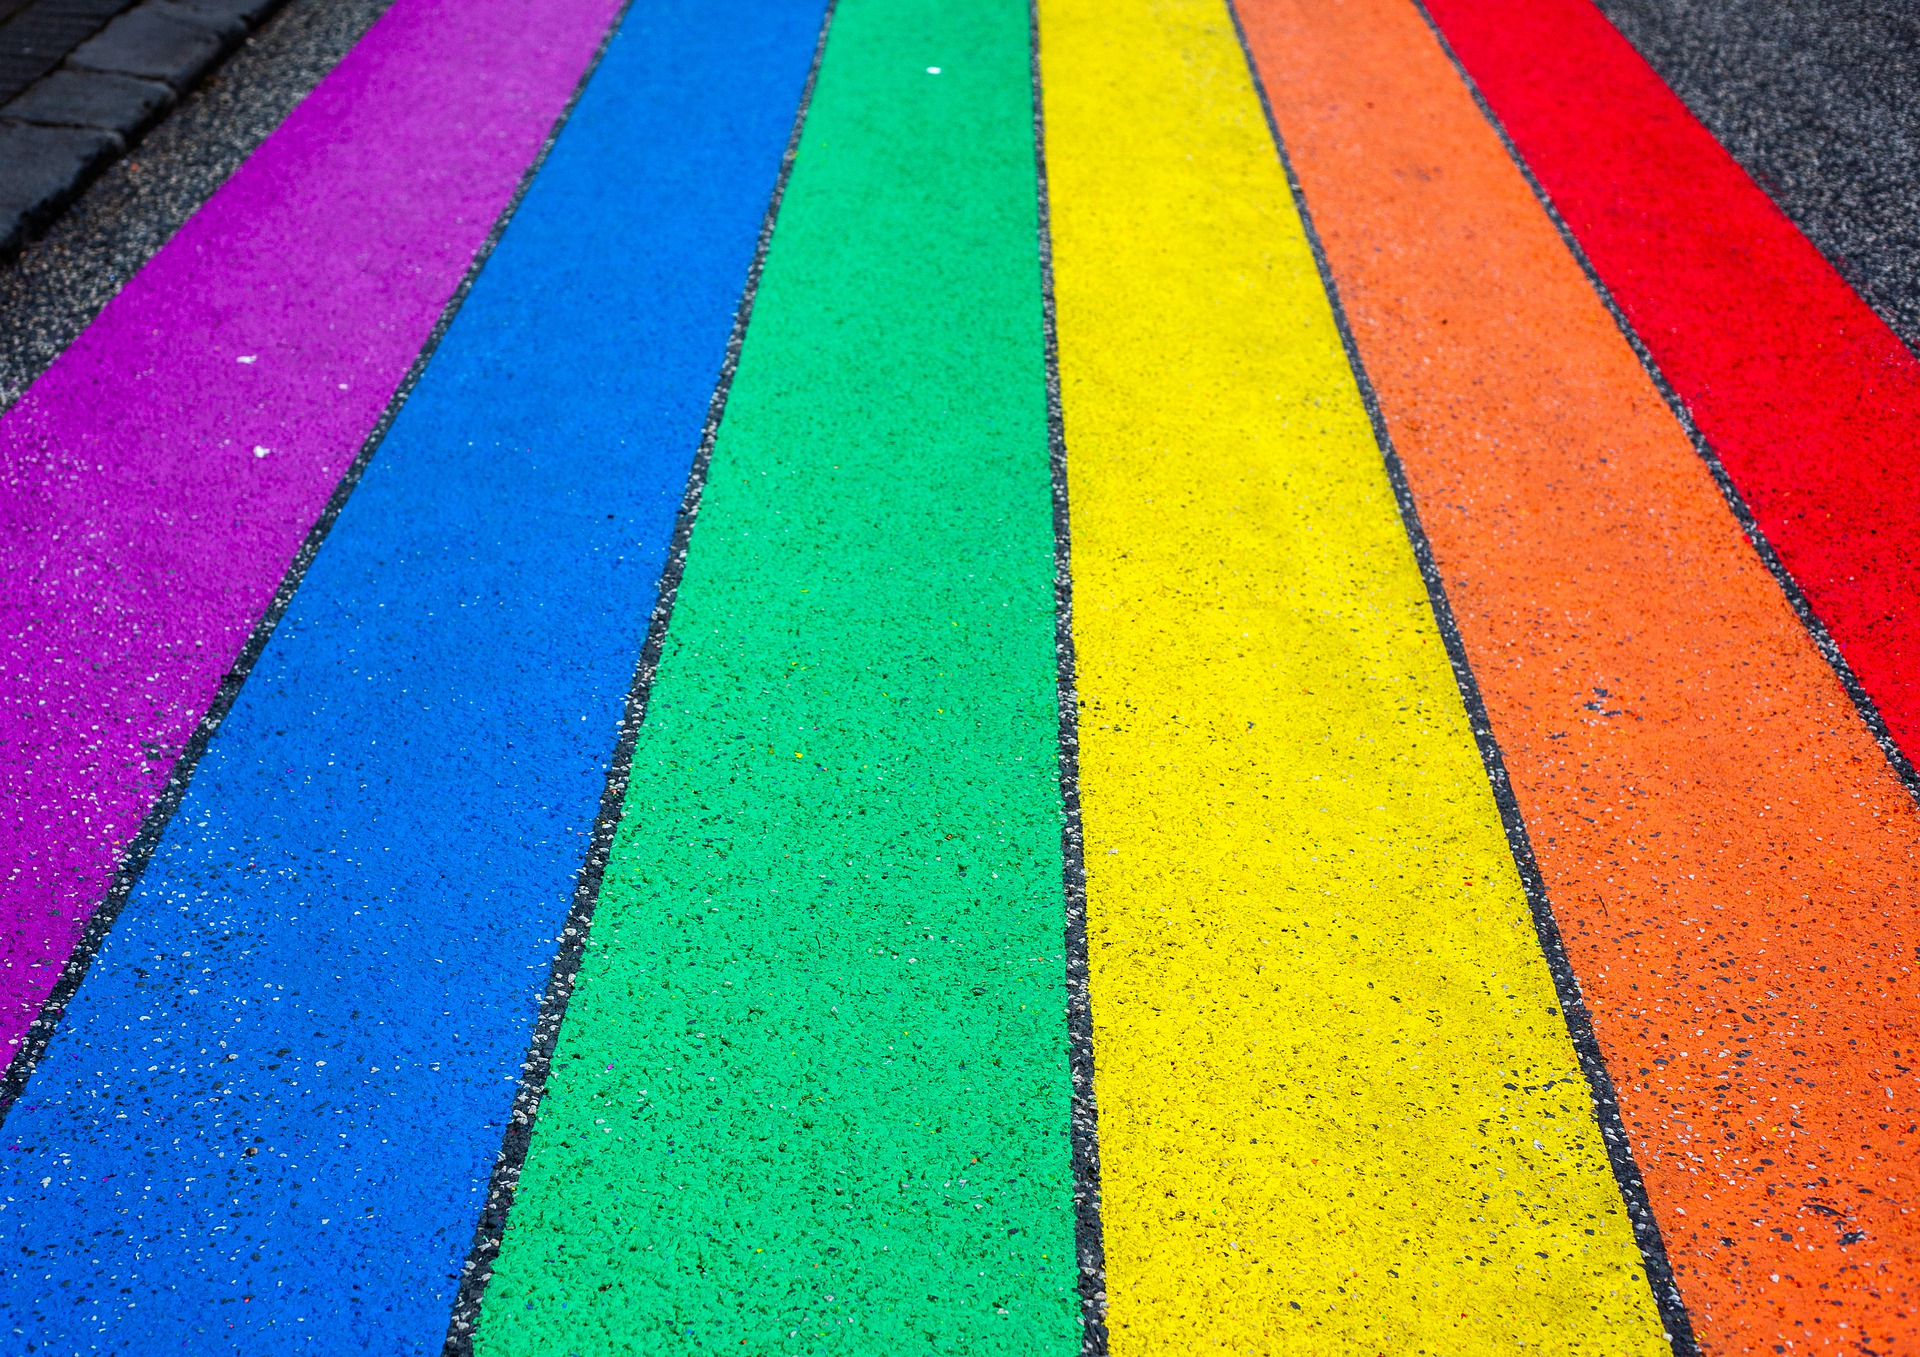 Pridefärgerna